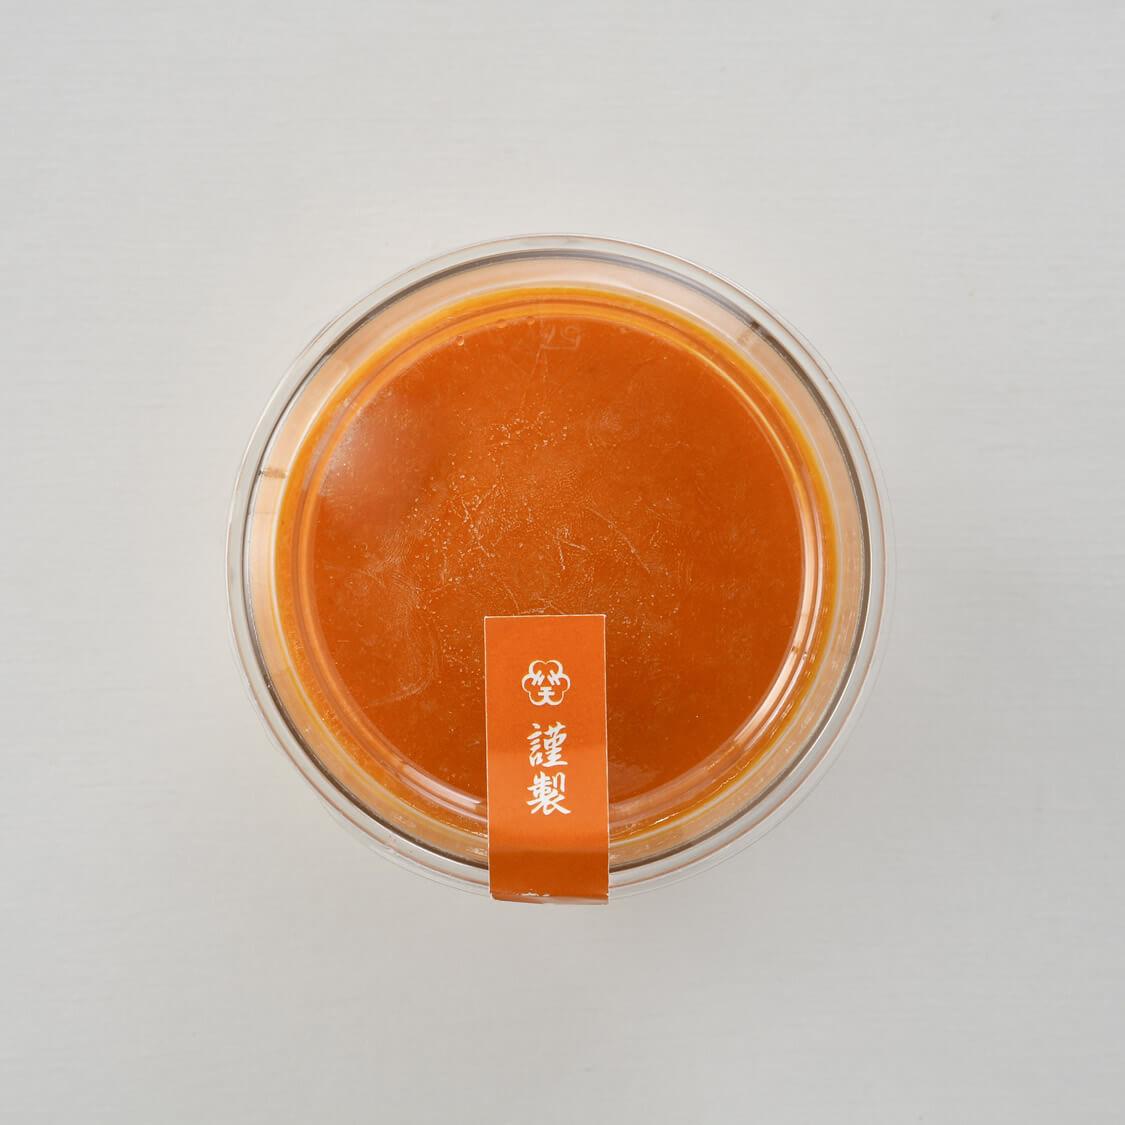 アンコール販売   雲丹とうふ ~濃厚たれ雲丹添え~ 1食(110g)